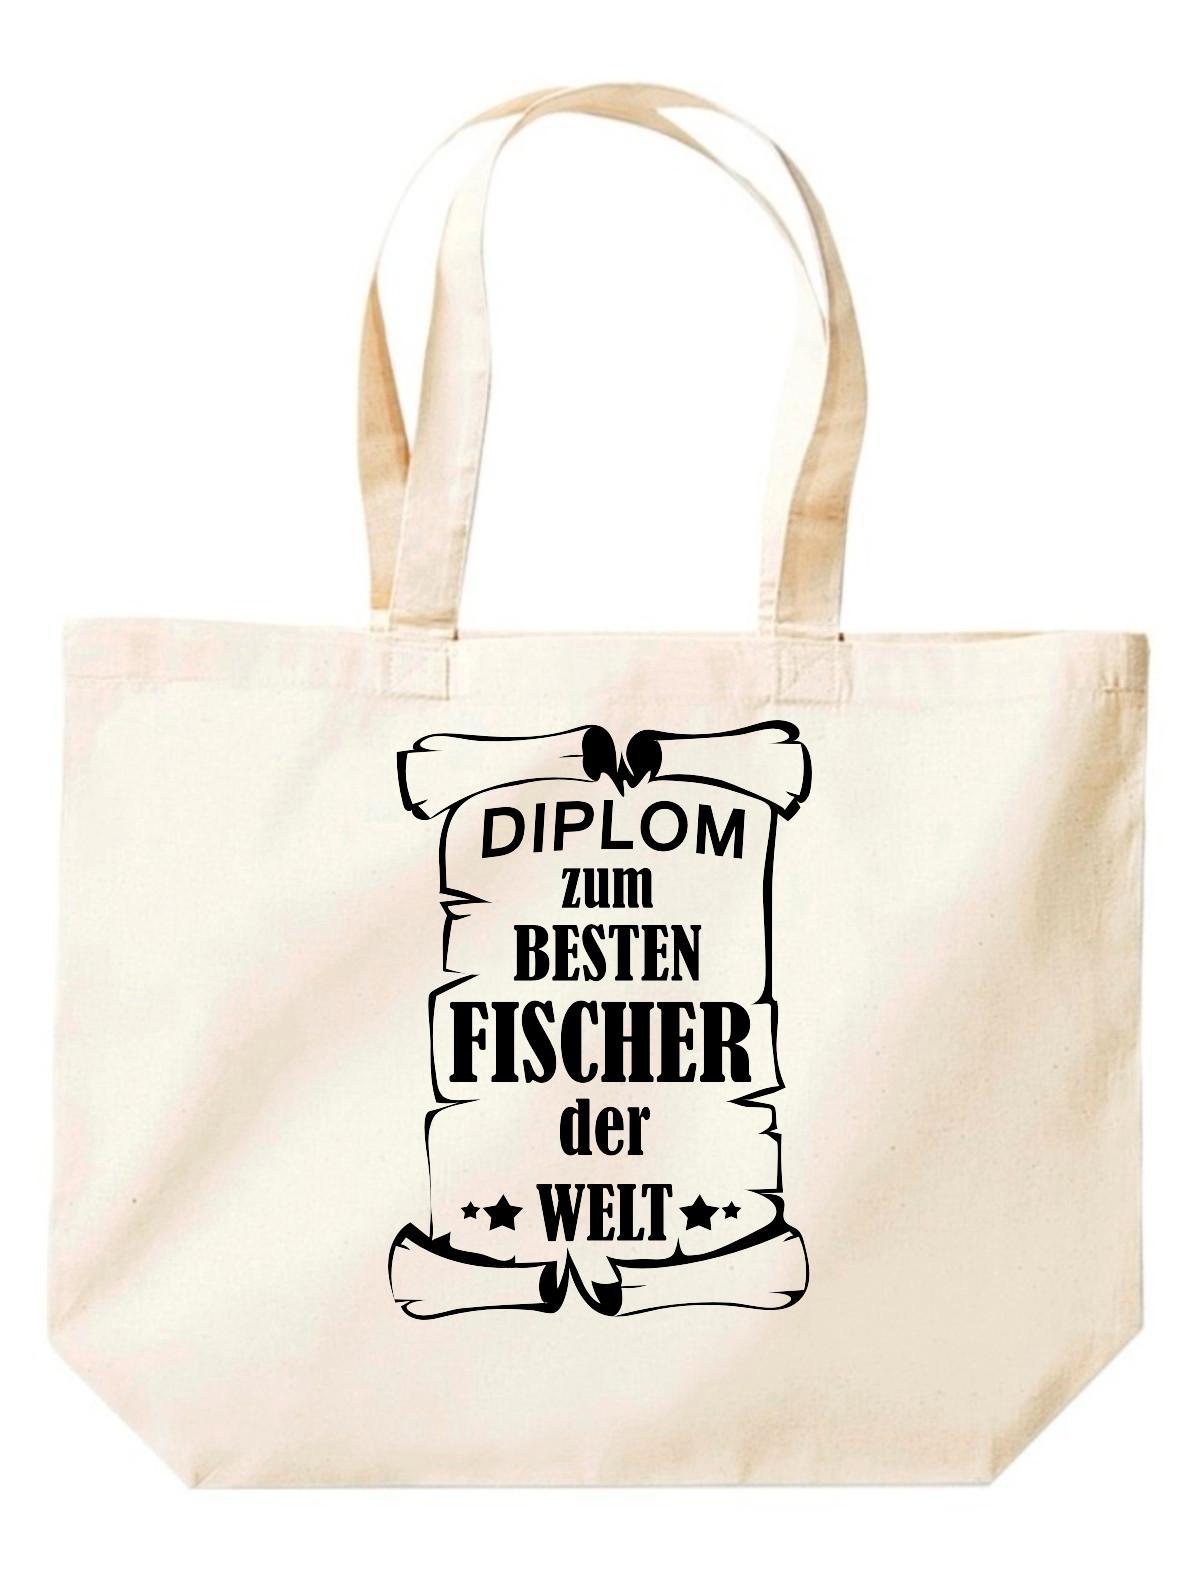 große Einkaufstasche, Diplom zum besten Fischer der Welt,